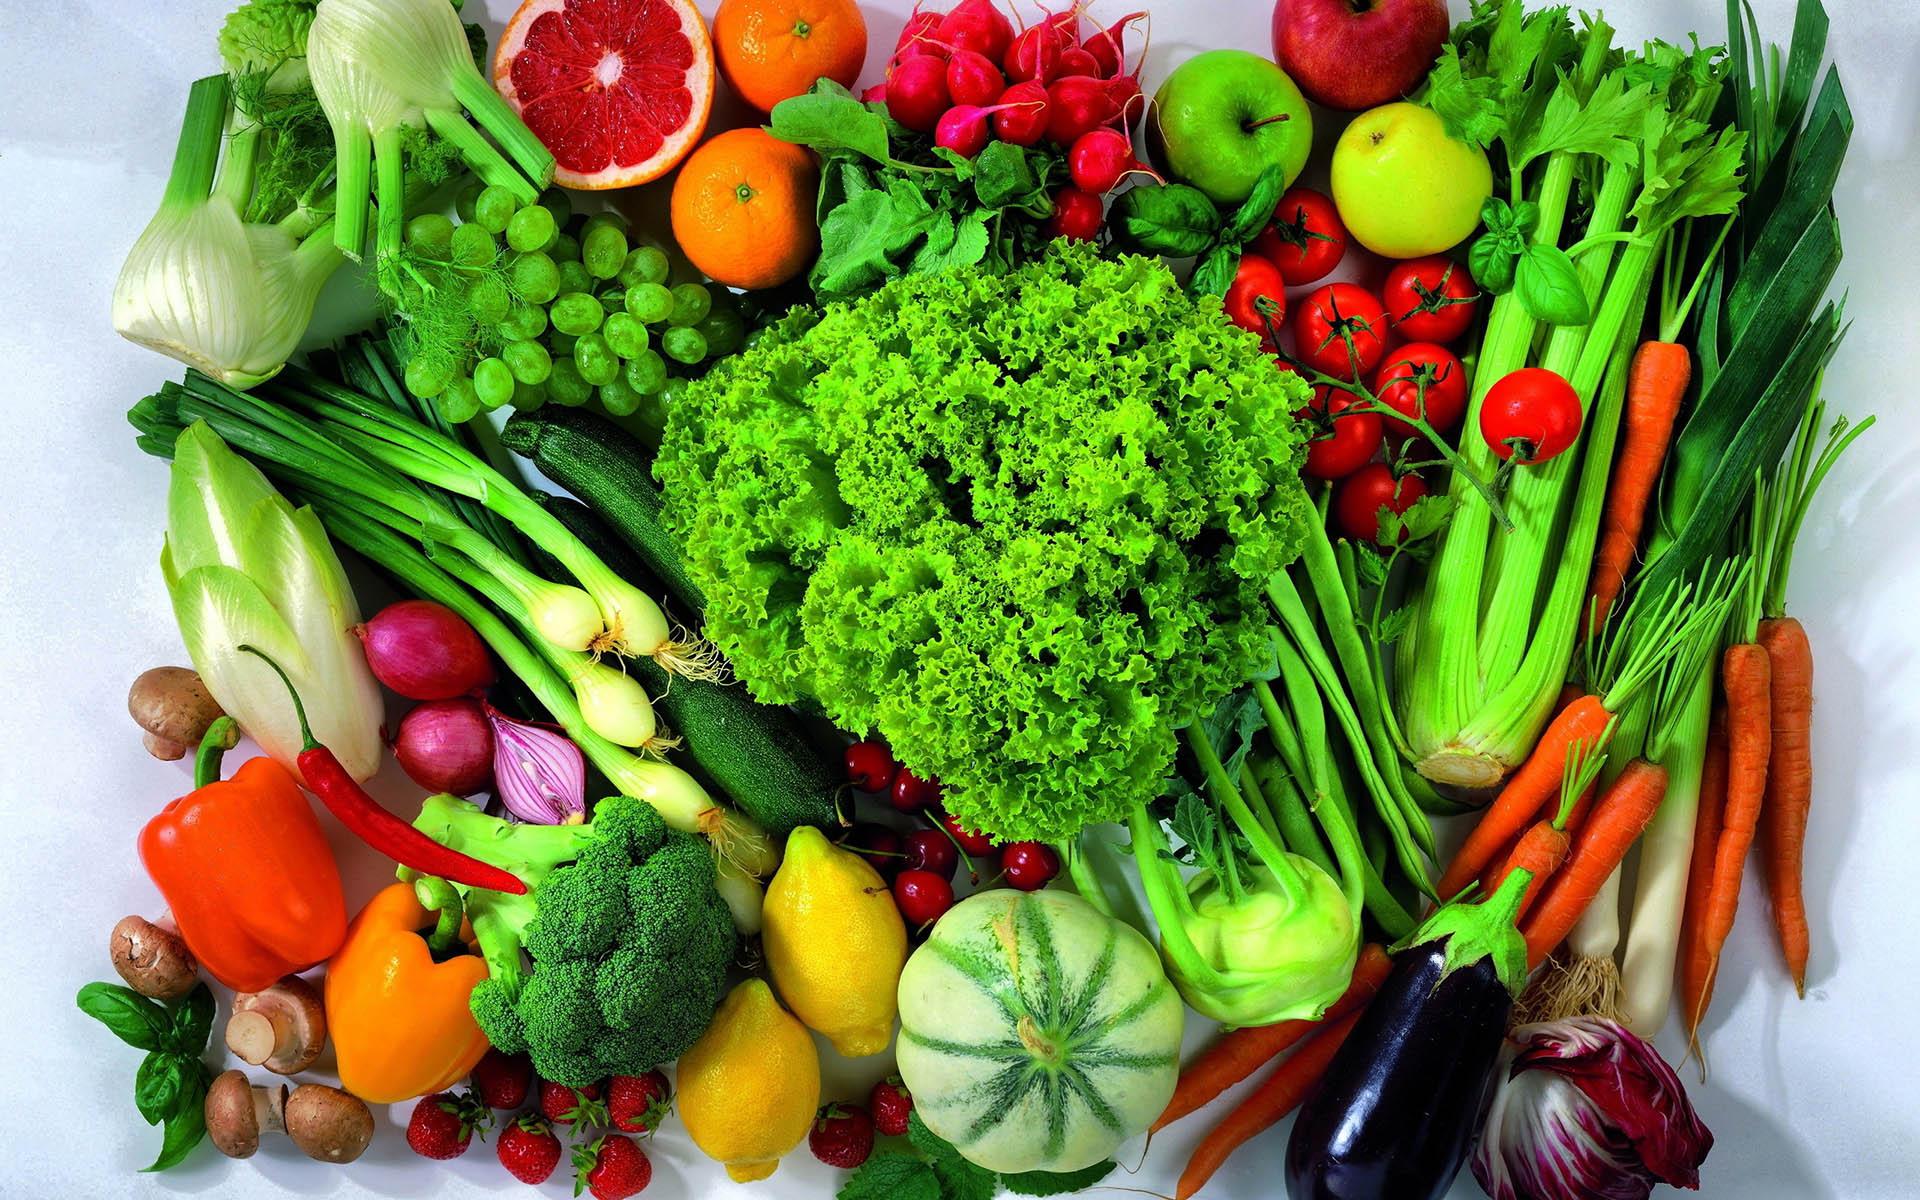 دانستنی های جالب خواص پوست میوه و سبزیجات